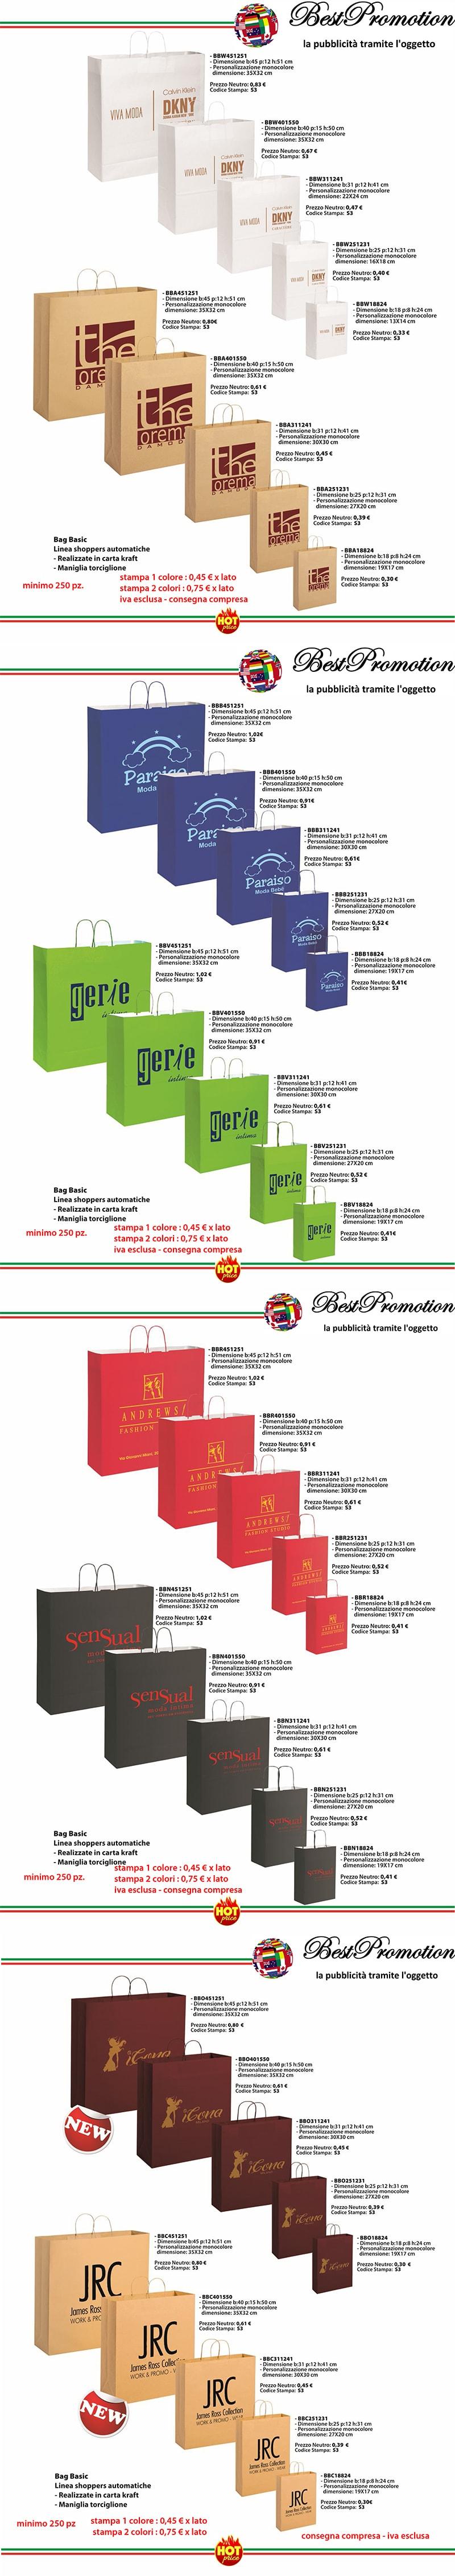 catalogo shopper personalizzate